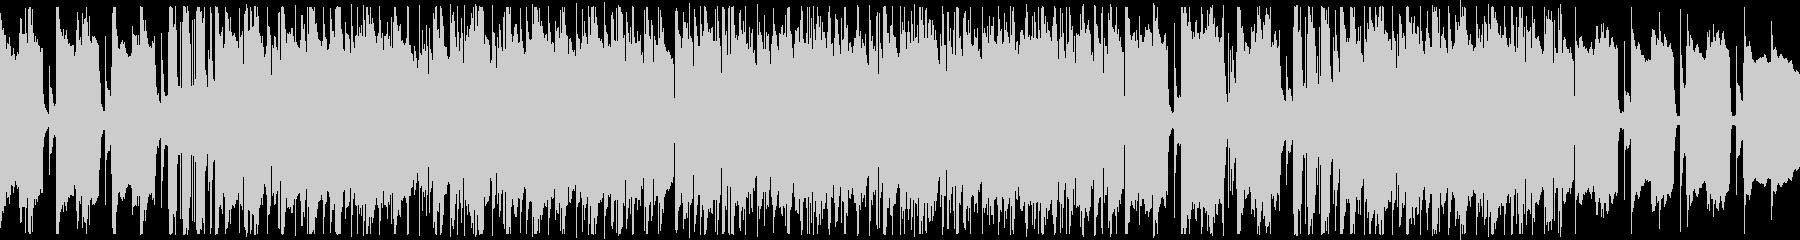 ループ/切ない雰囲気のシティポップ002の未再生の波形